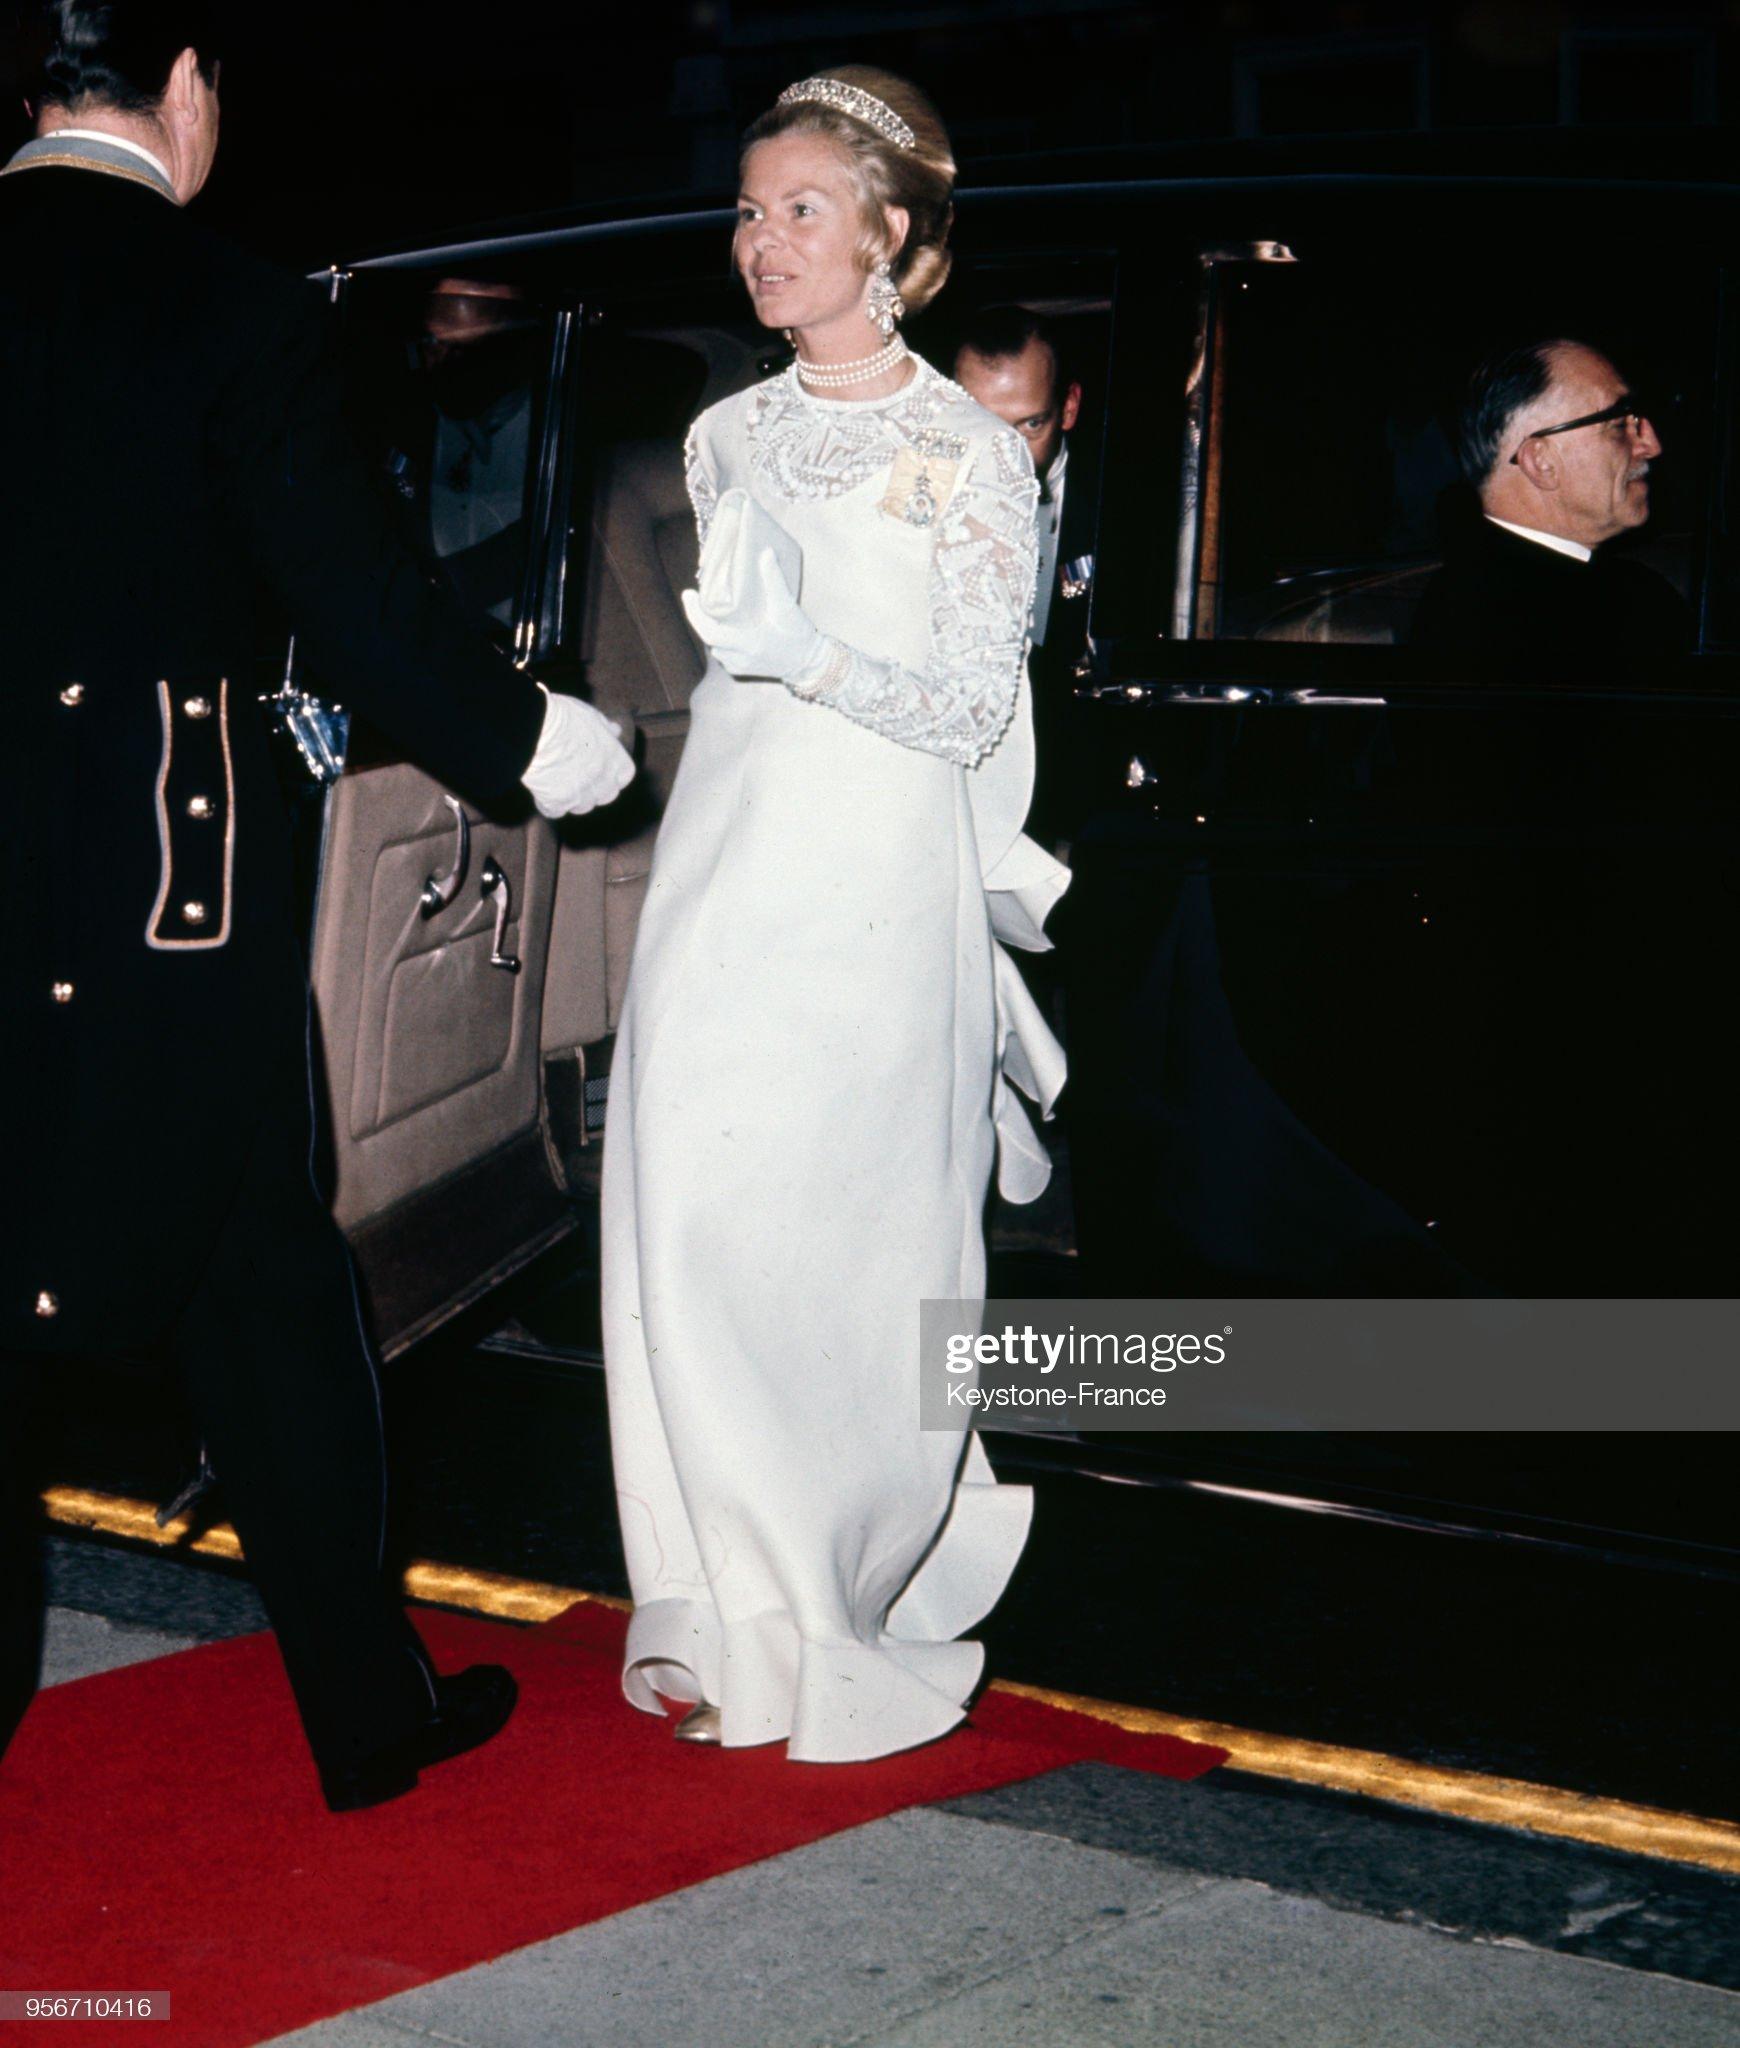 Duchesse de Kent : News Photo